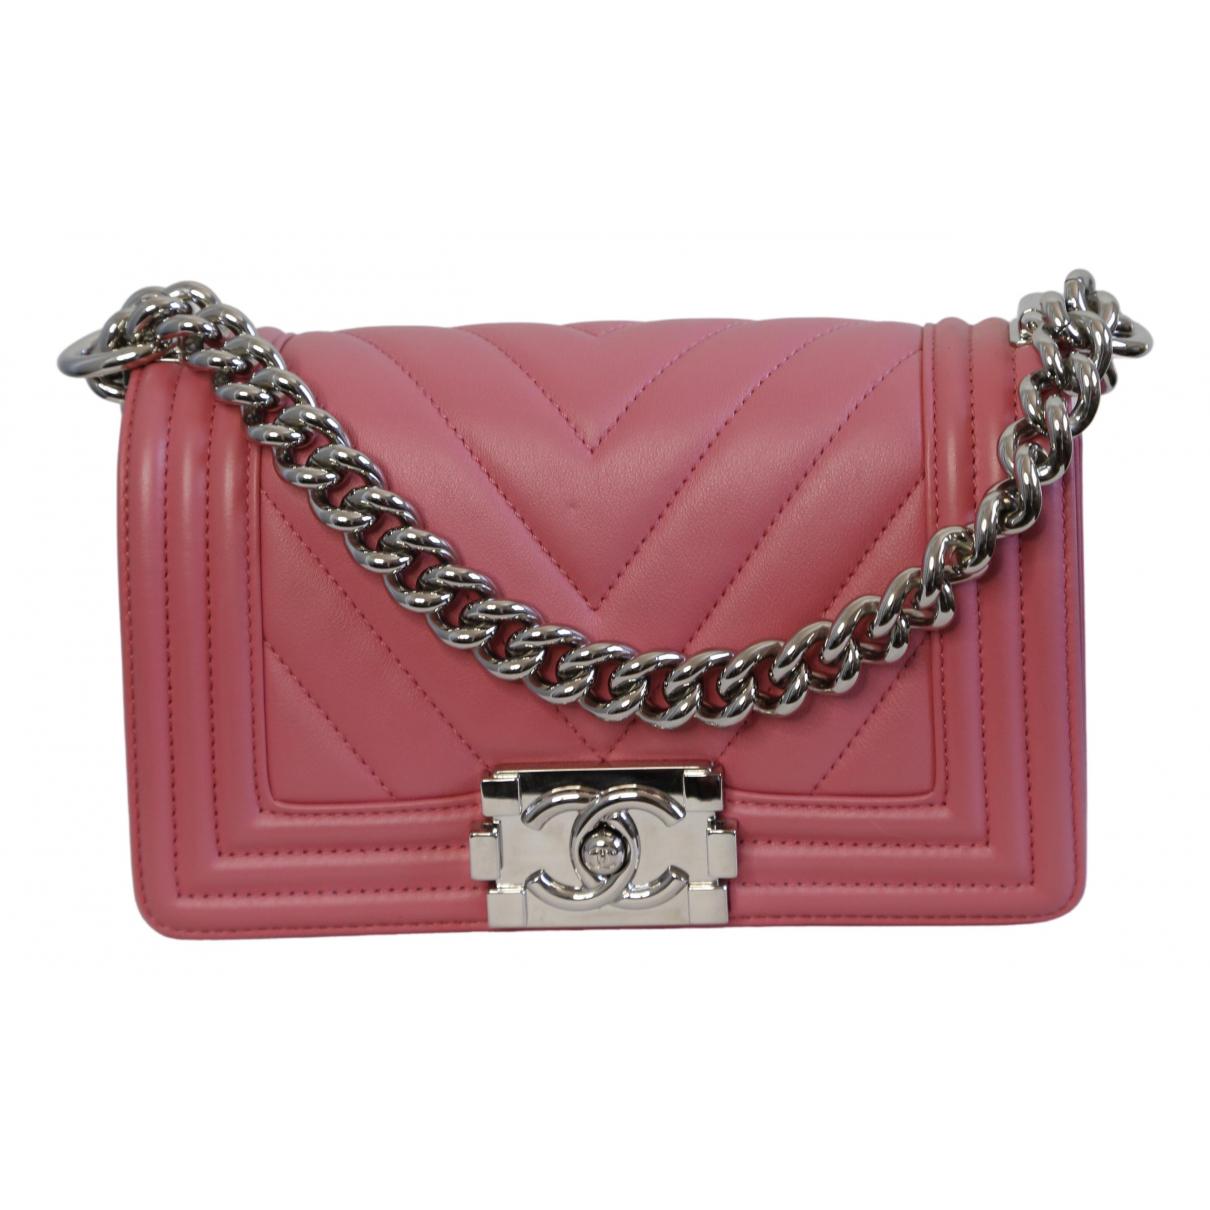 Chanel - Sac a main Boy pour femme en cuir - rose